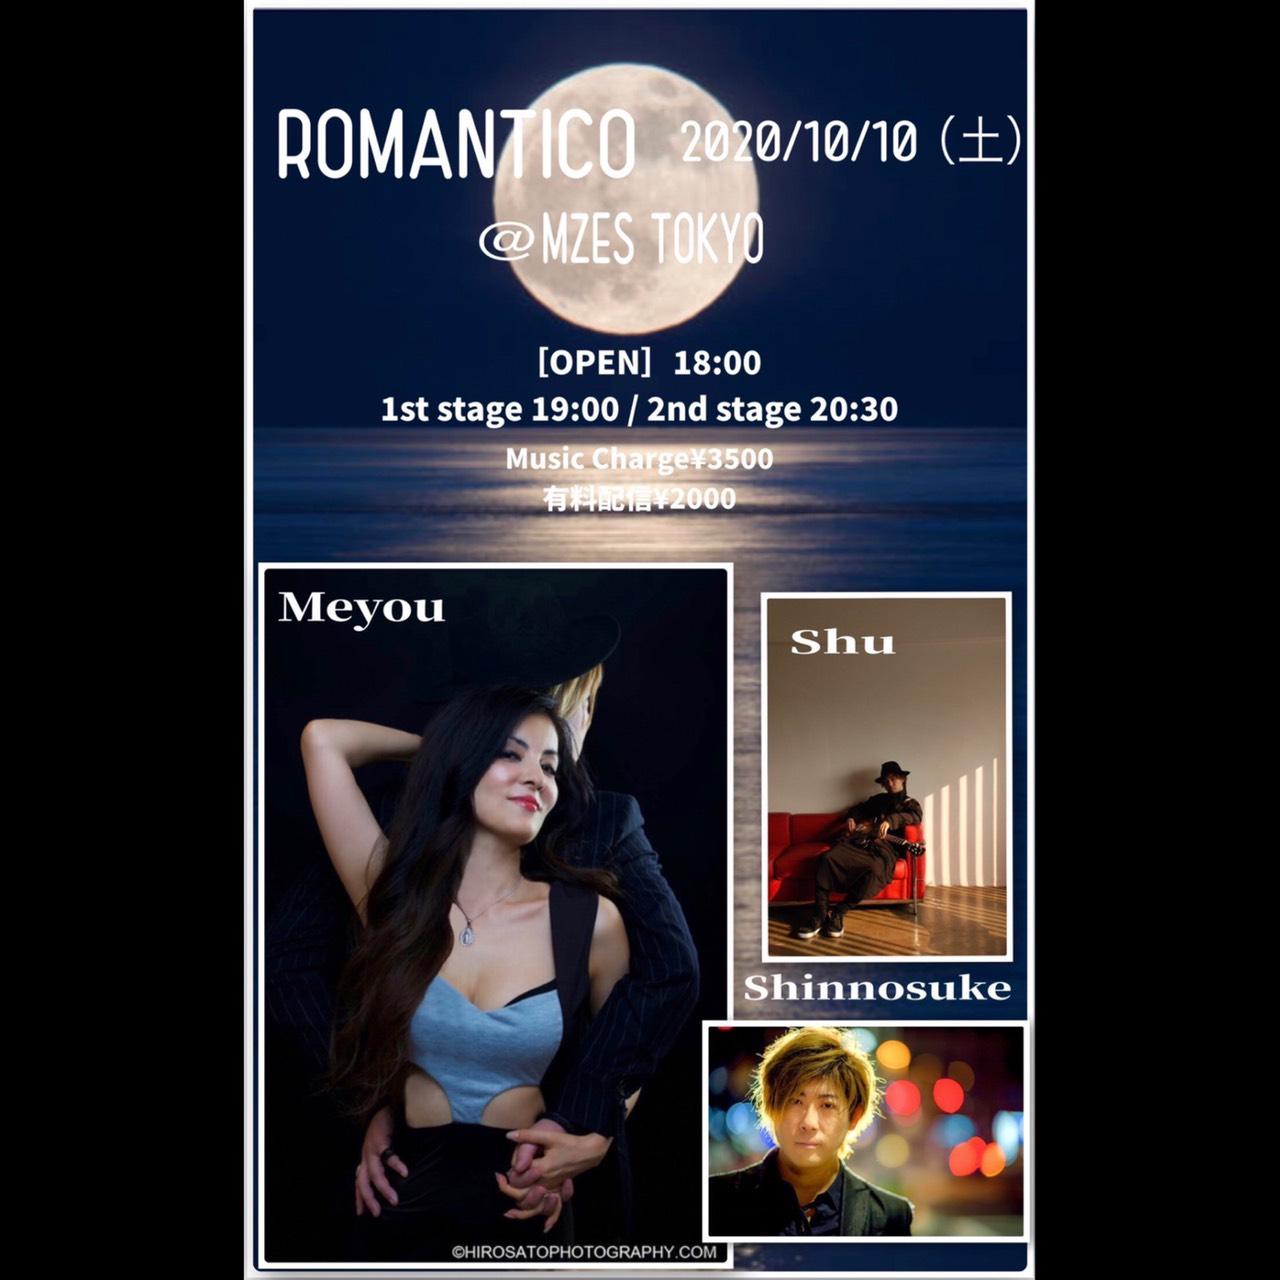 【配信】ROMANTICO 2020秋の夜長… ~全身全霊の愛を~